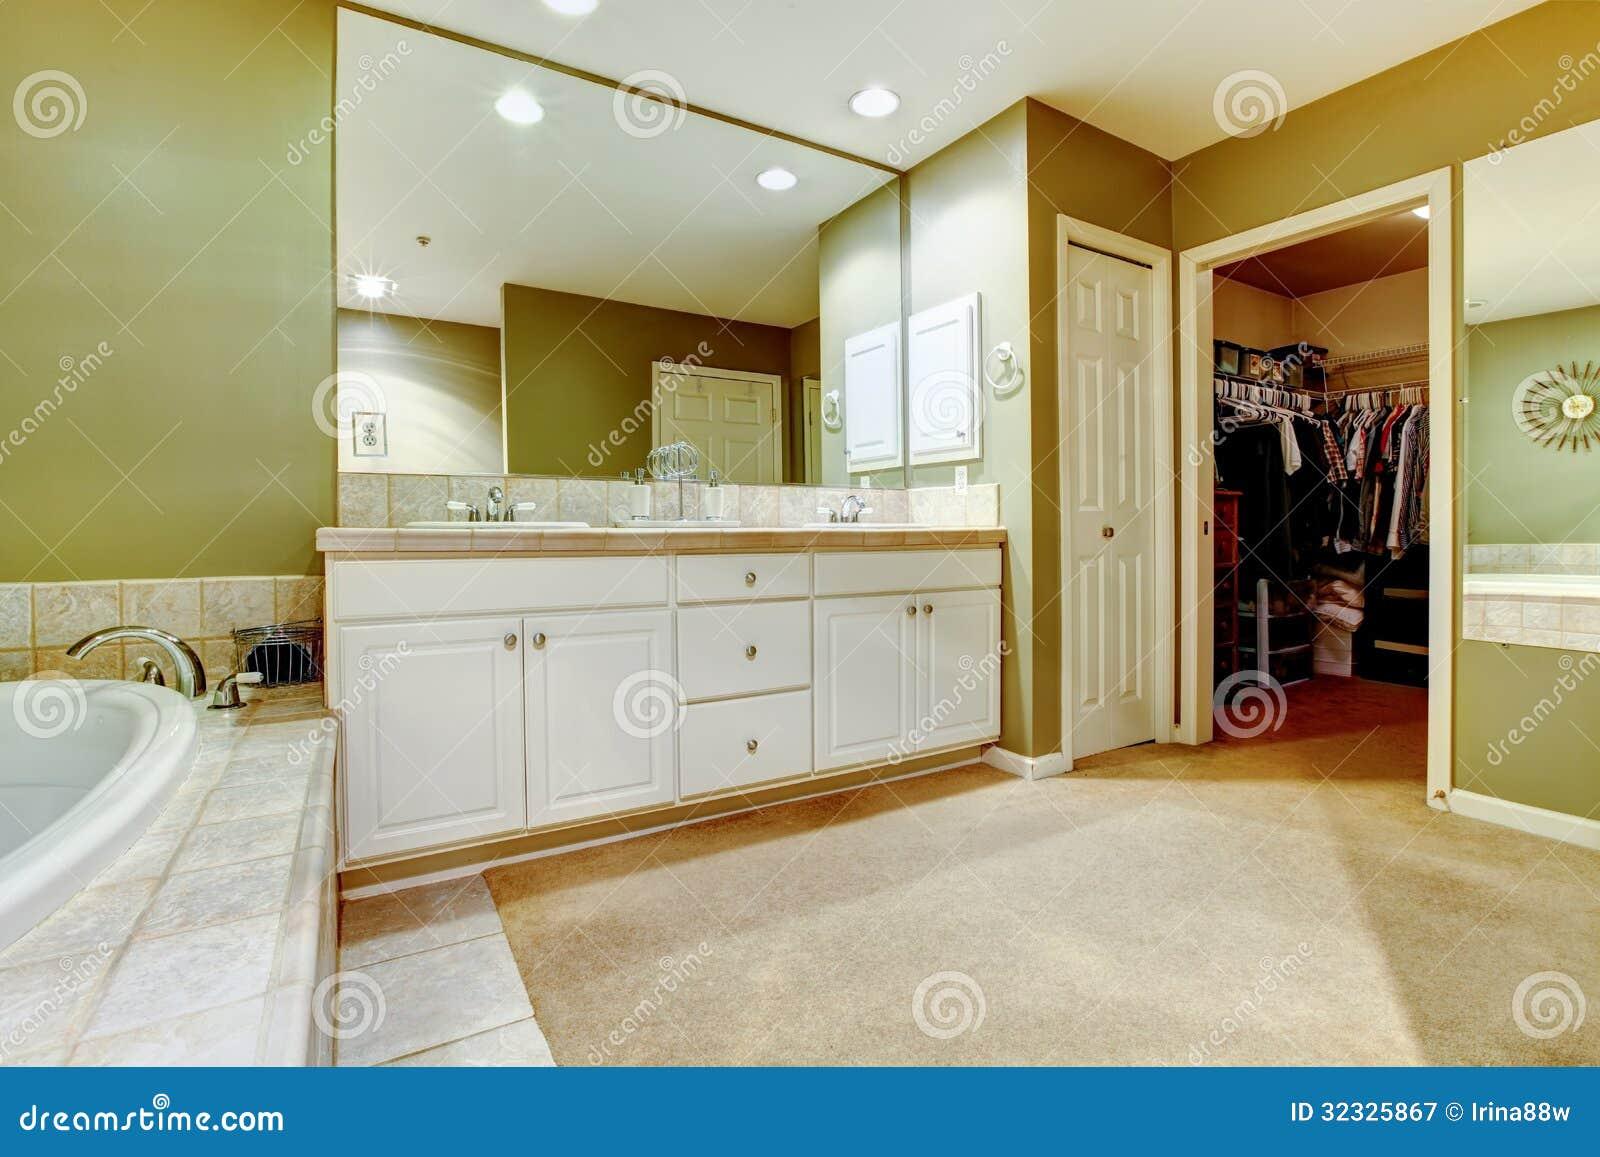 Vitt och beige badrum foton – 54 vitt och beige badrum bilder ...